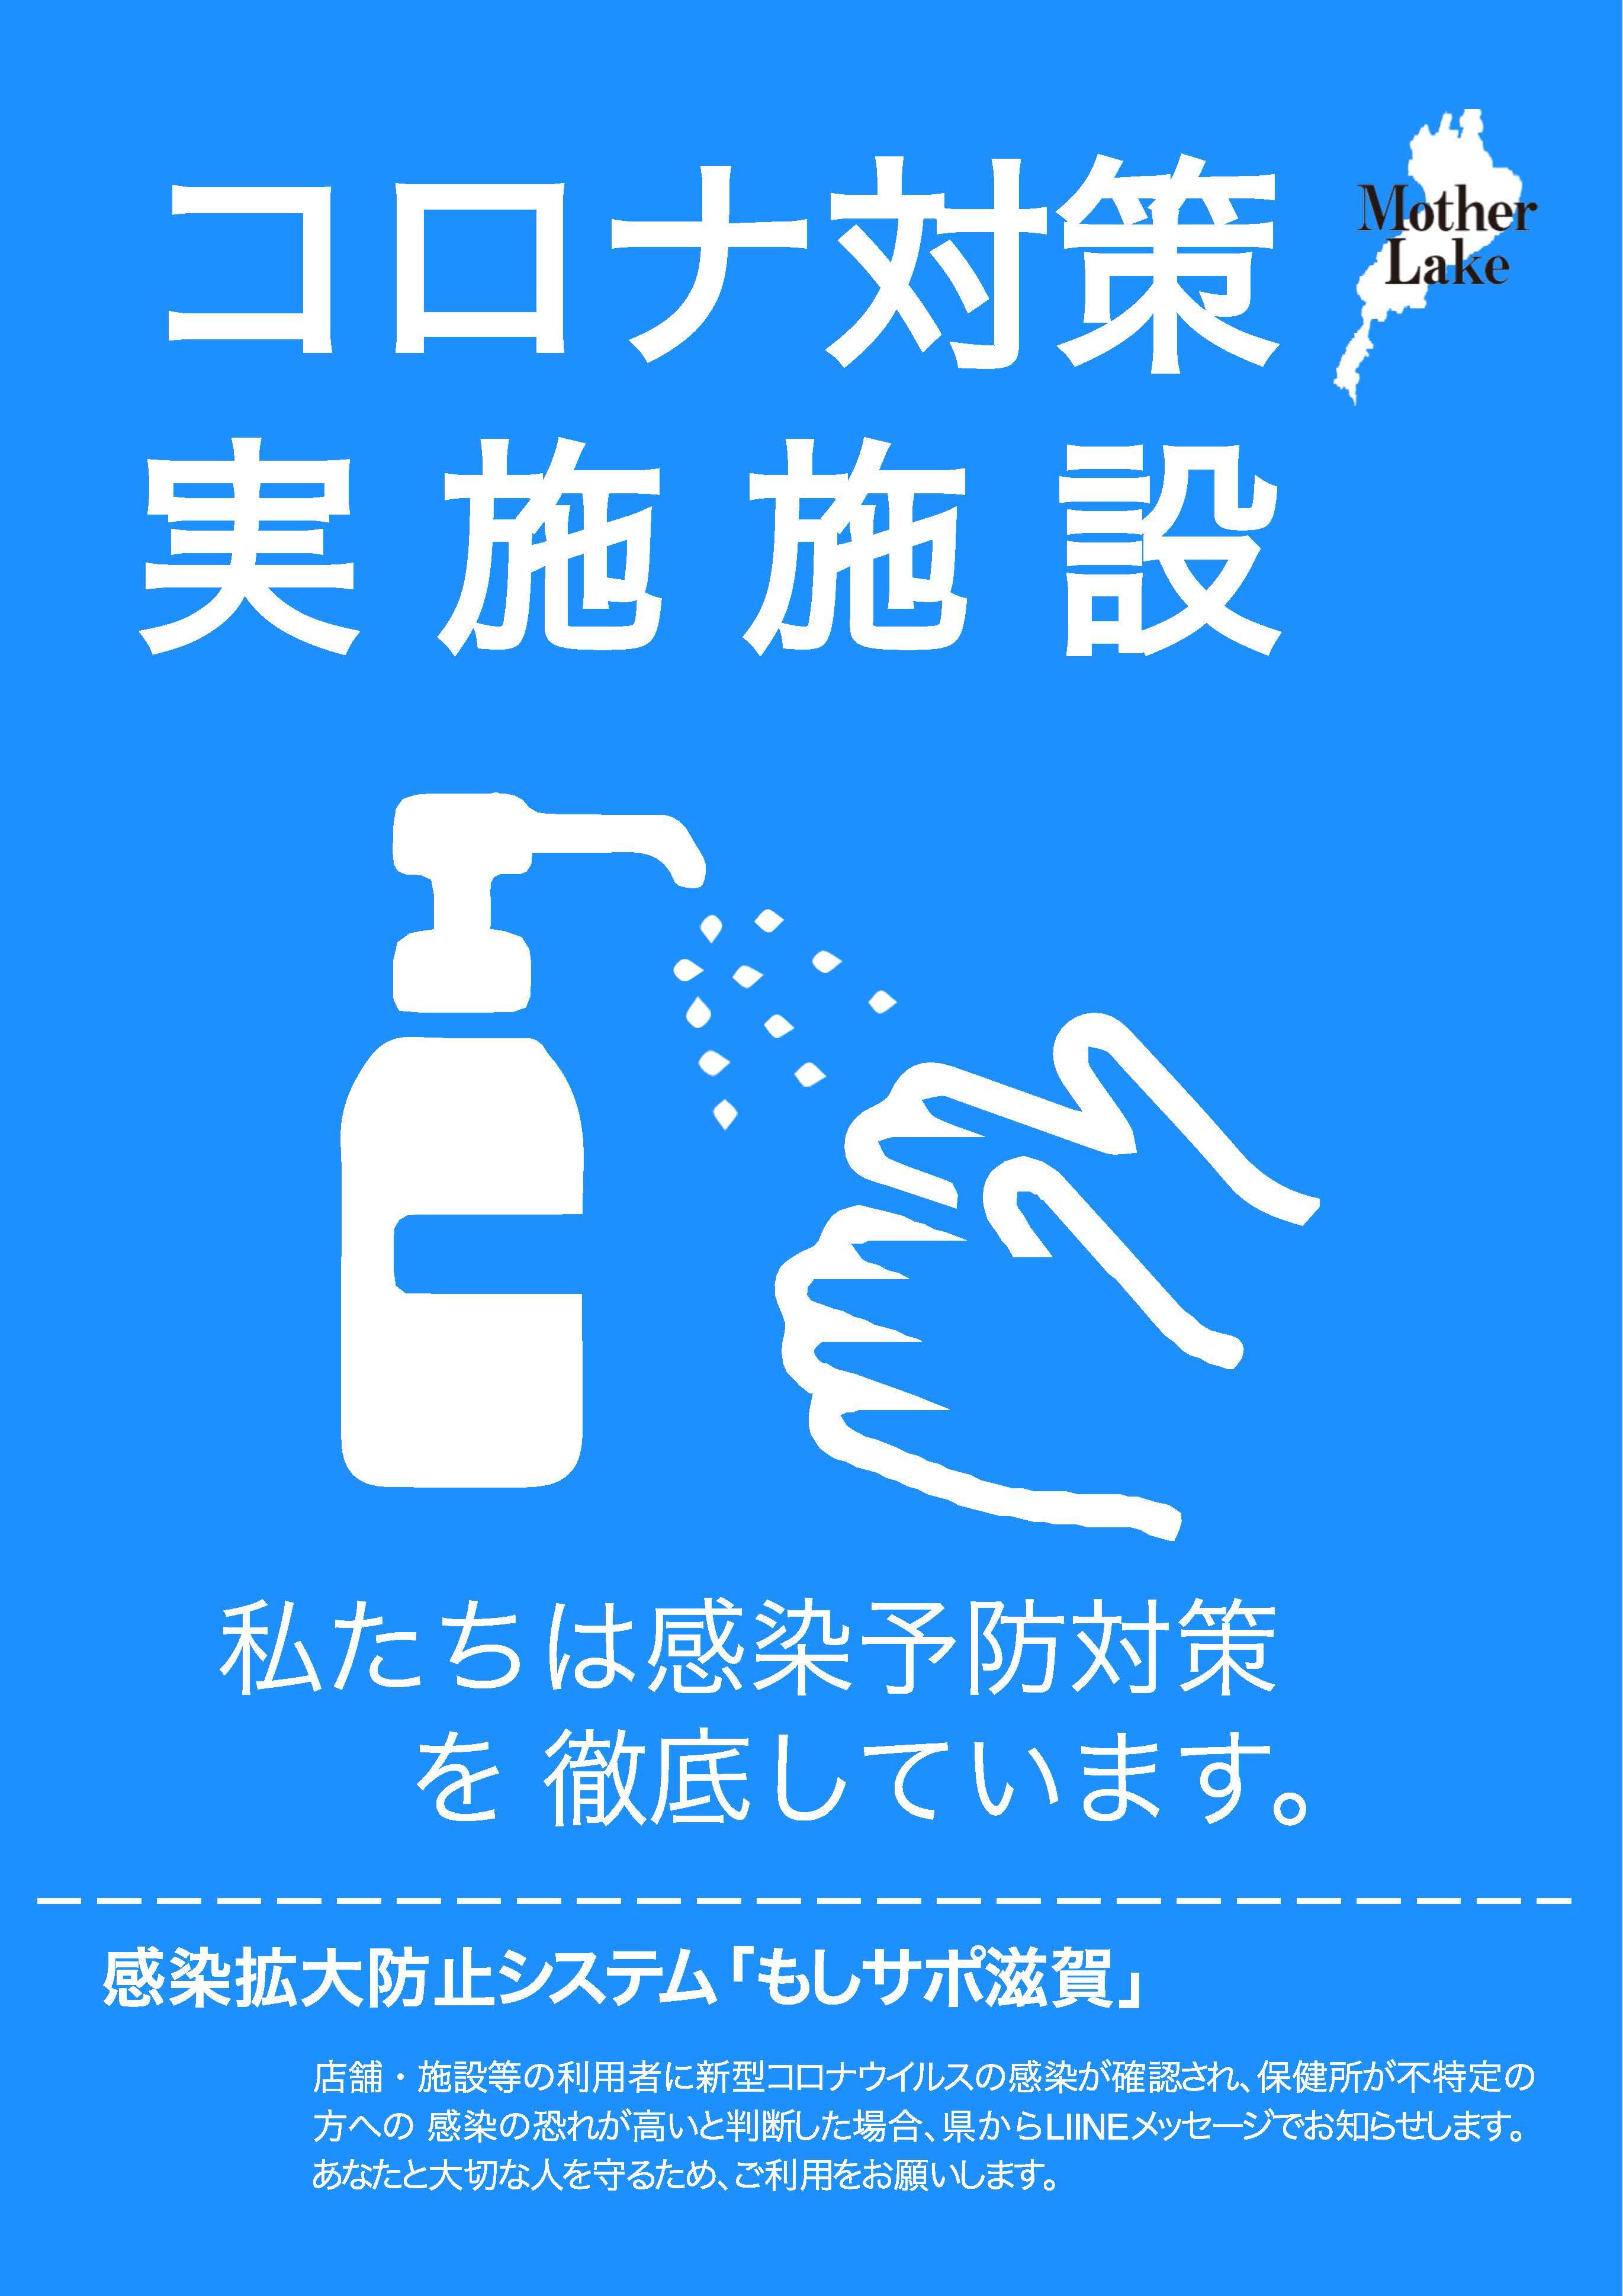 新型コロナウイルス感染拡大予防ガイドライン推進宣言事業所